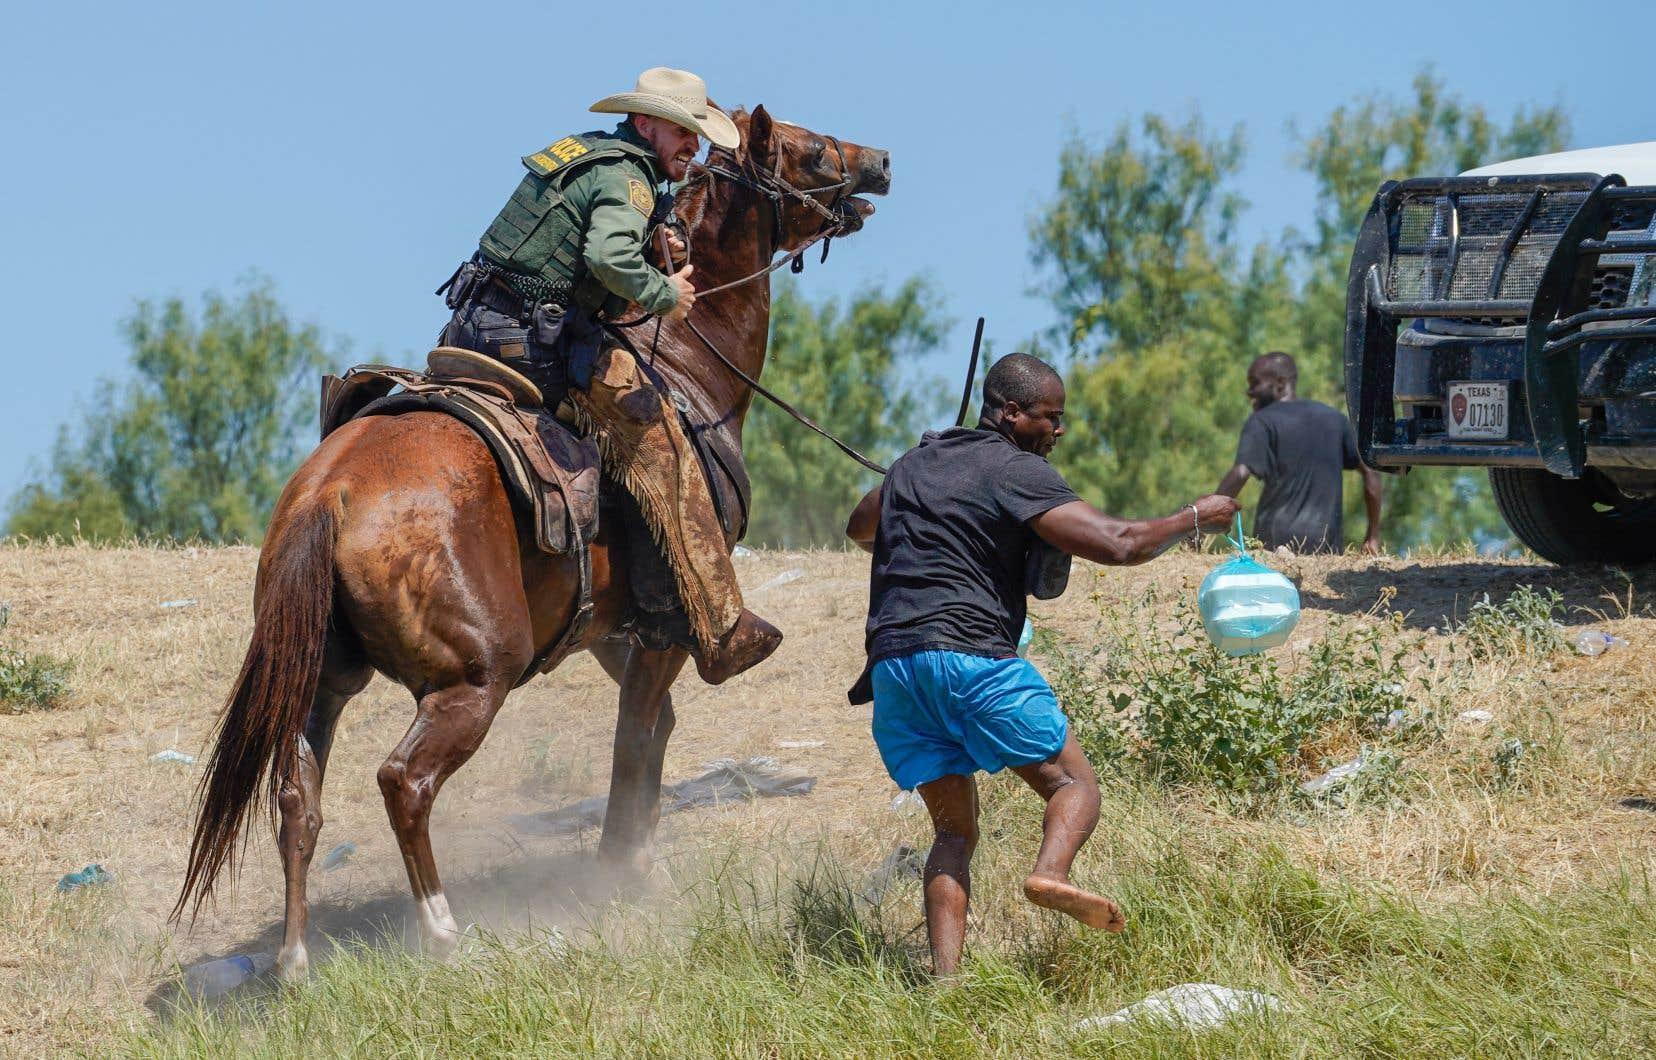 Un agent de la patrouille frontalière des États-Unis pourchasse un migrant haïtien, le 19 septembre 2021. Depuis, le président américain a promis le traitement des dossiers des migrants dans le respect des normes internationales.